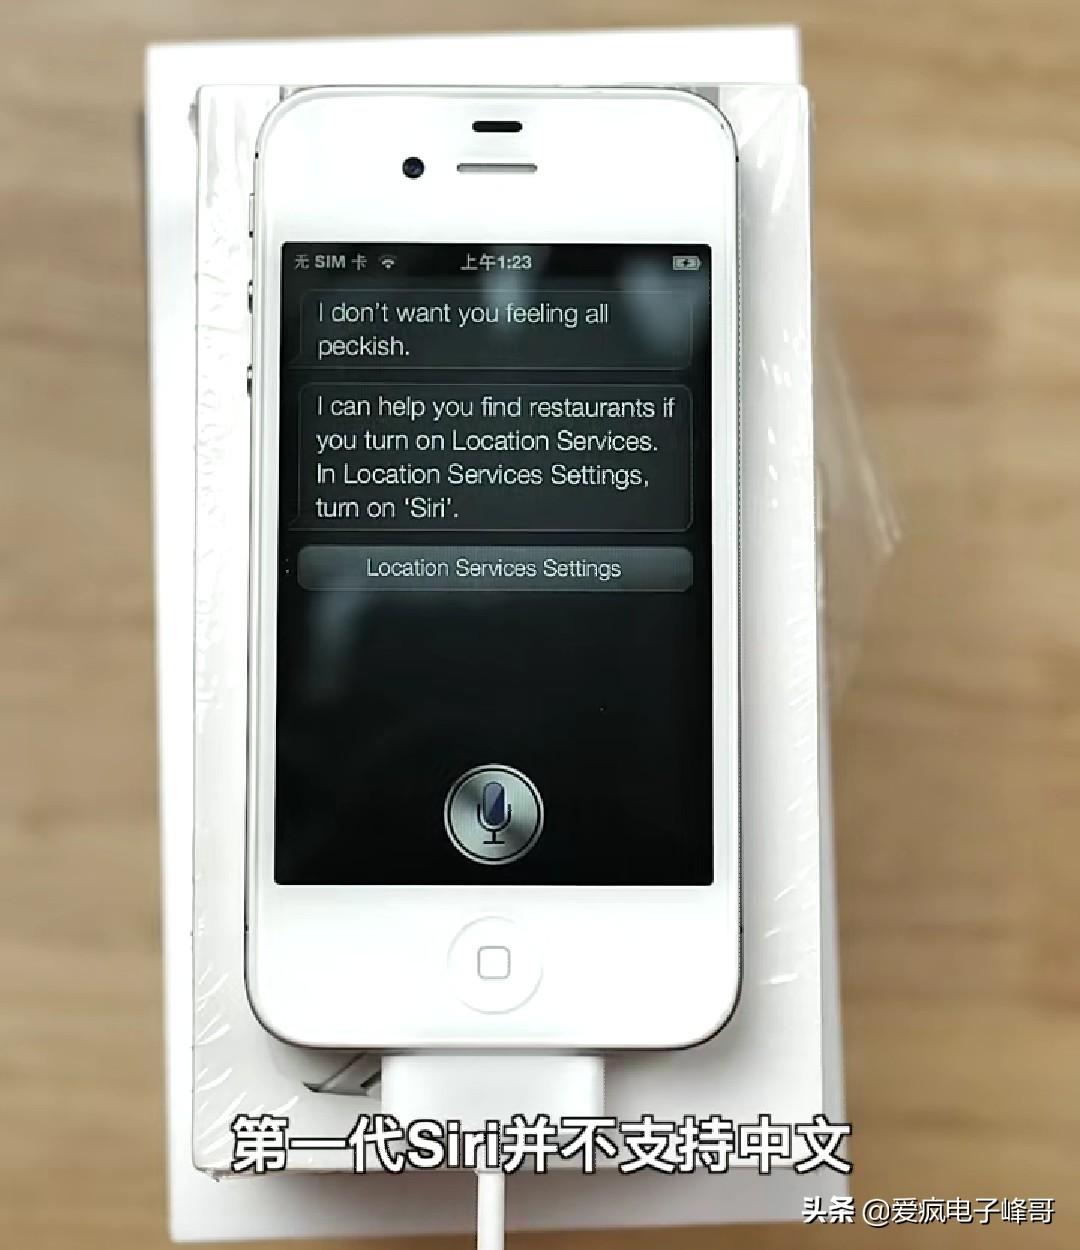 史蒂夫乔布斯的經典作品,iPhone4s店,半文盲都能够入门的手机上